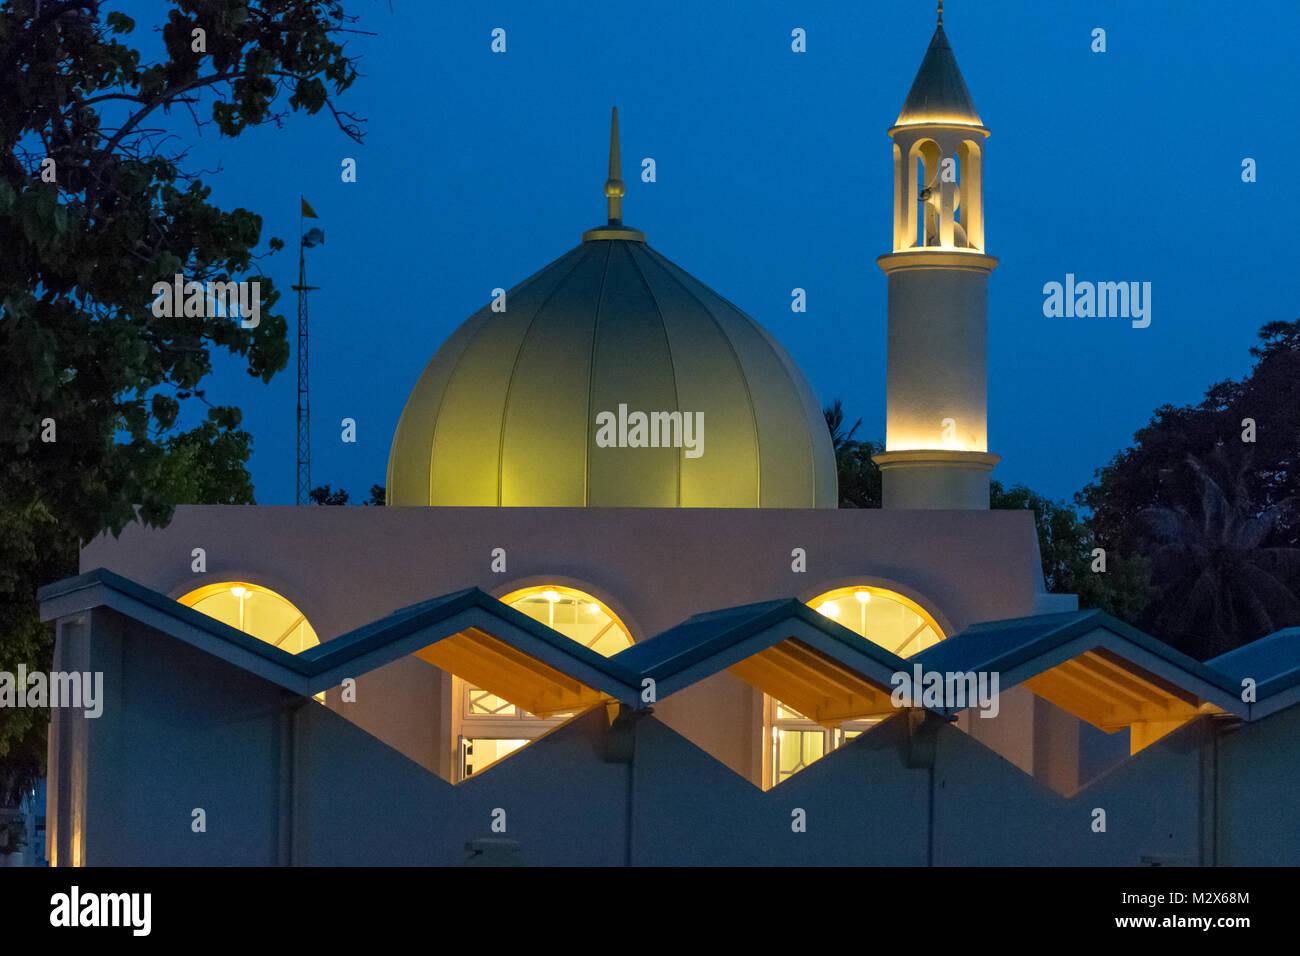 Große Moschee von Velidhoo, Malediven, im Abendlicht mit Beleuchtung im Gebäude - Stock Image